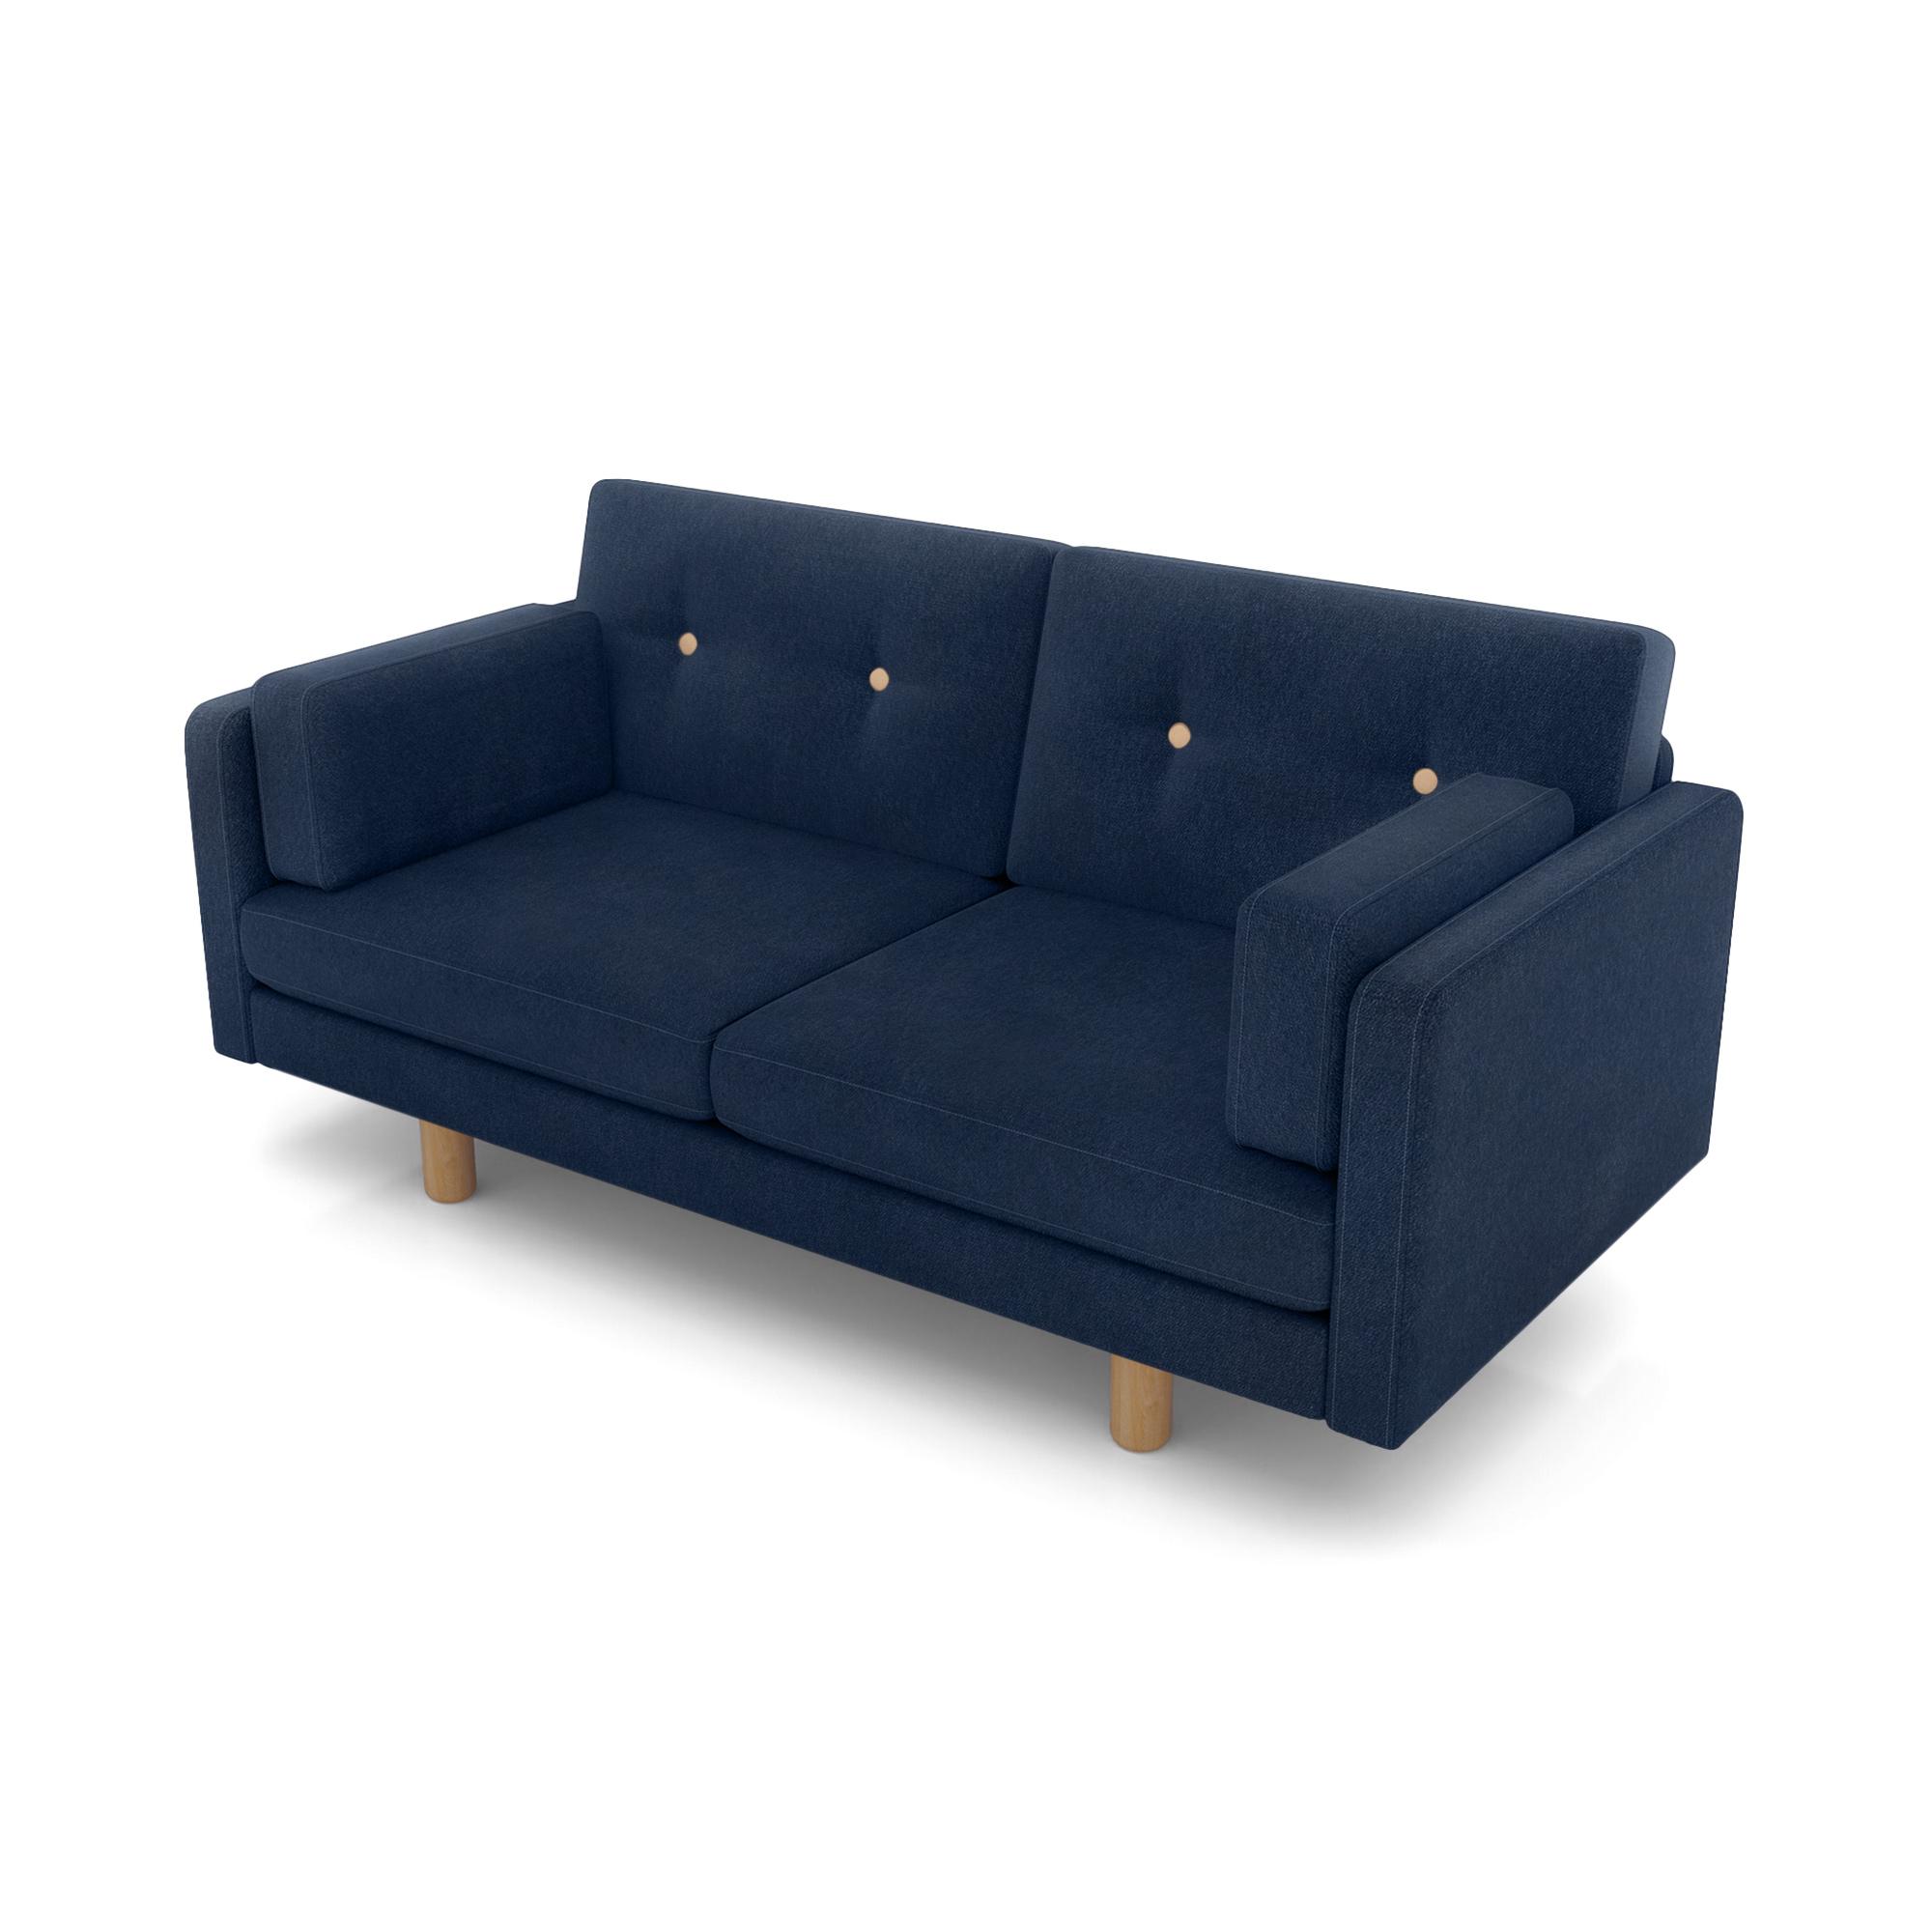 Фото - Диван AS Изабелла м 167x80x83 деним диван as изабелла м 167x80x83 синий